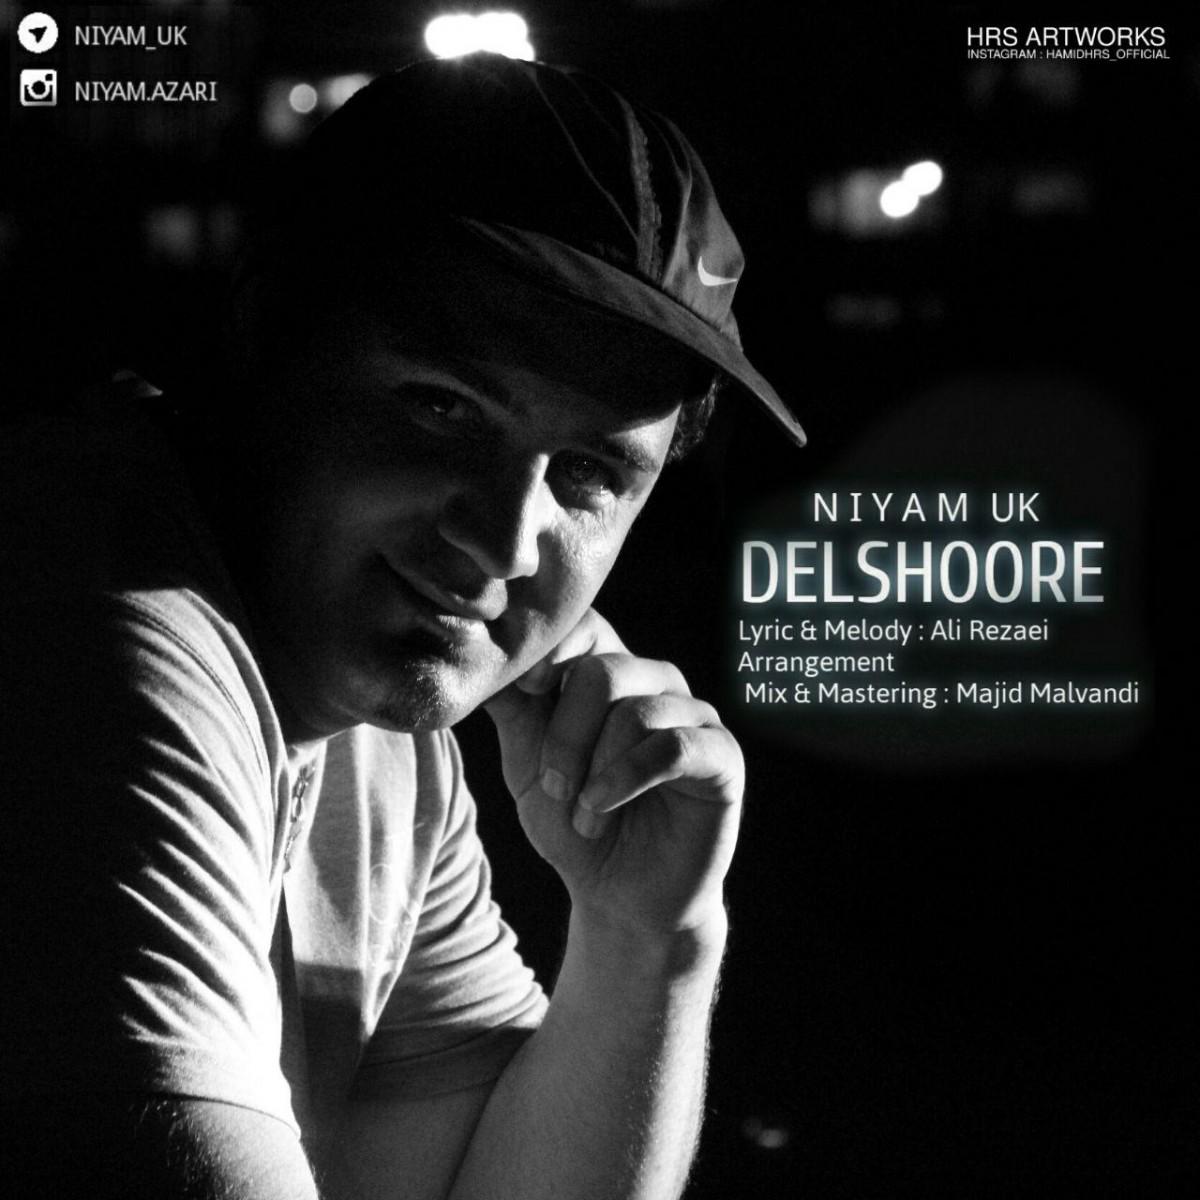 نامبر وان موزیک | دانلود آهنگ جدید Niyam-Uk-Delshoore